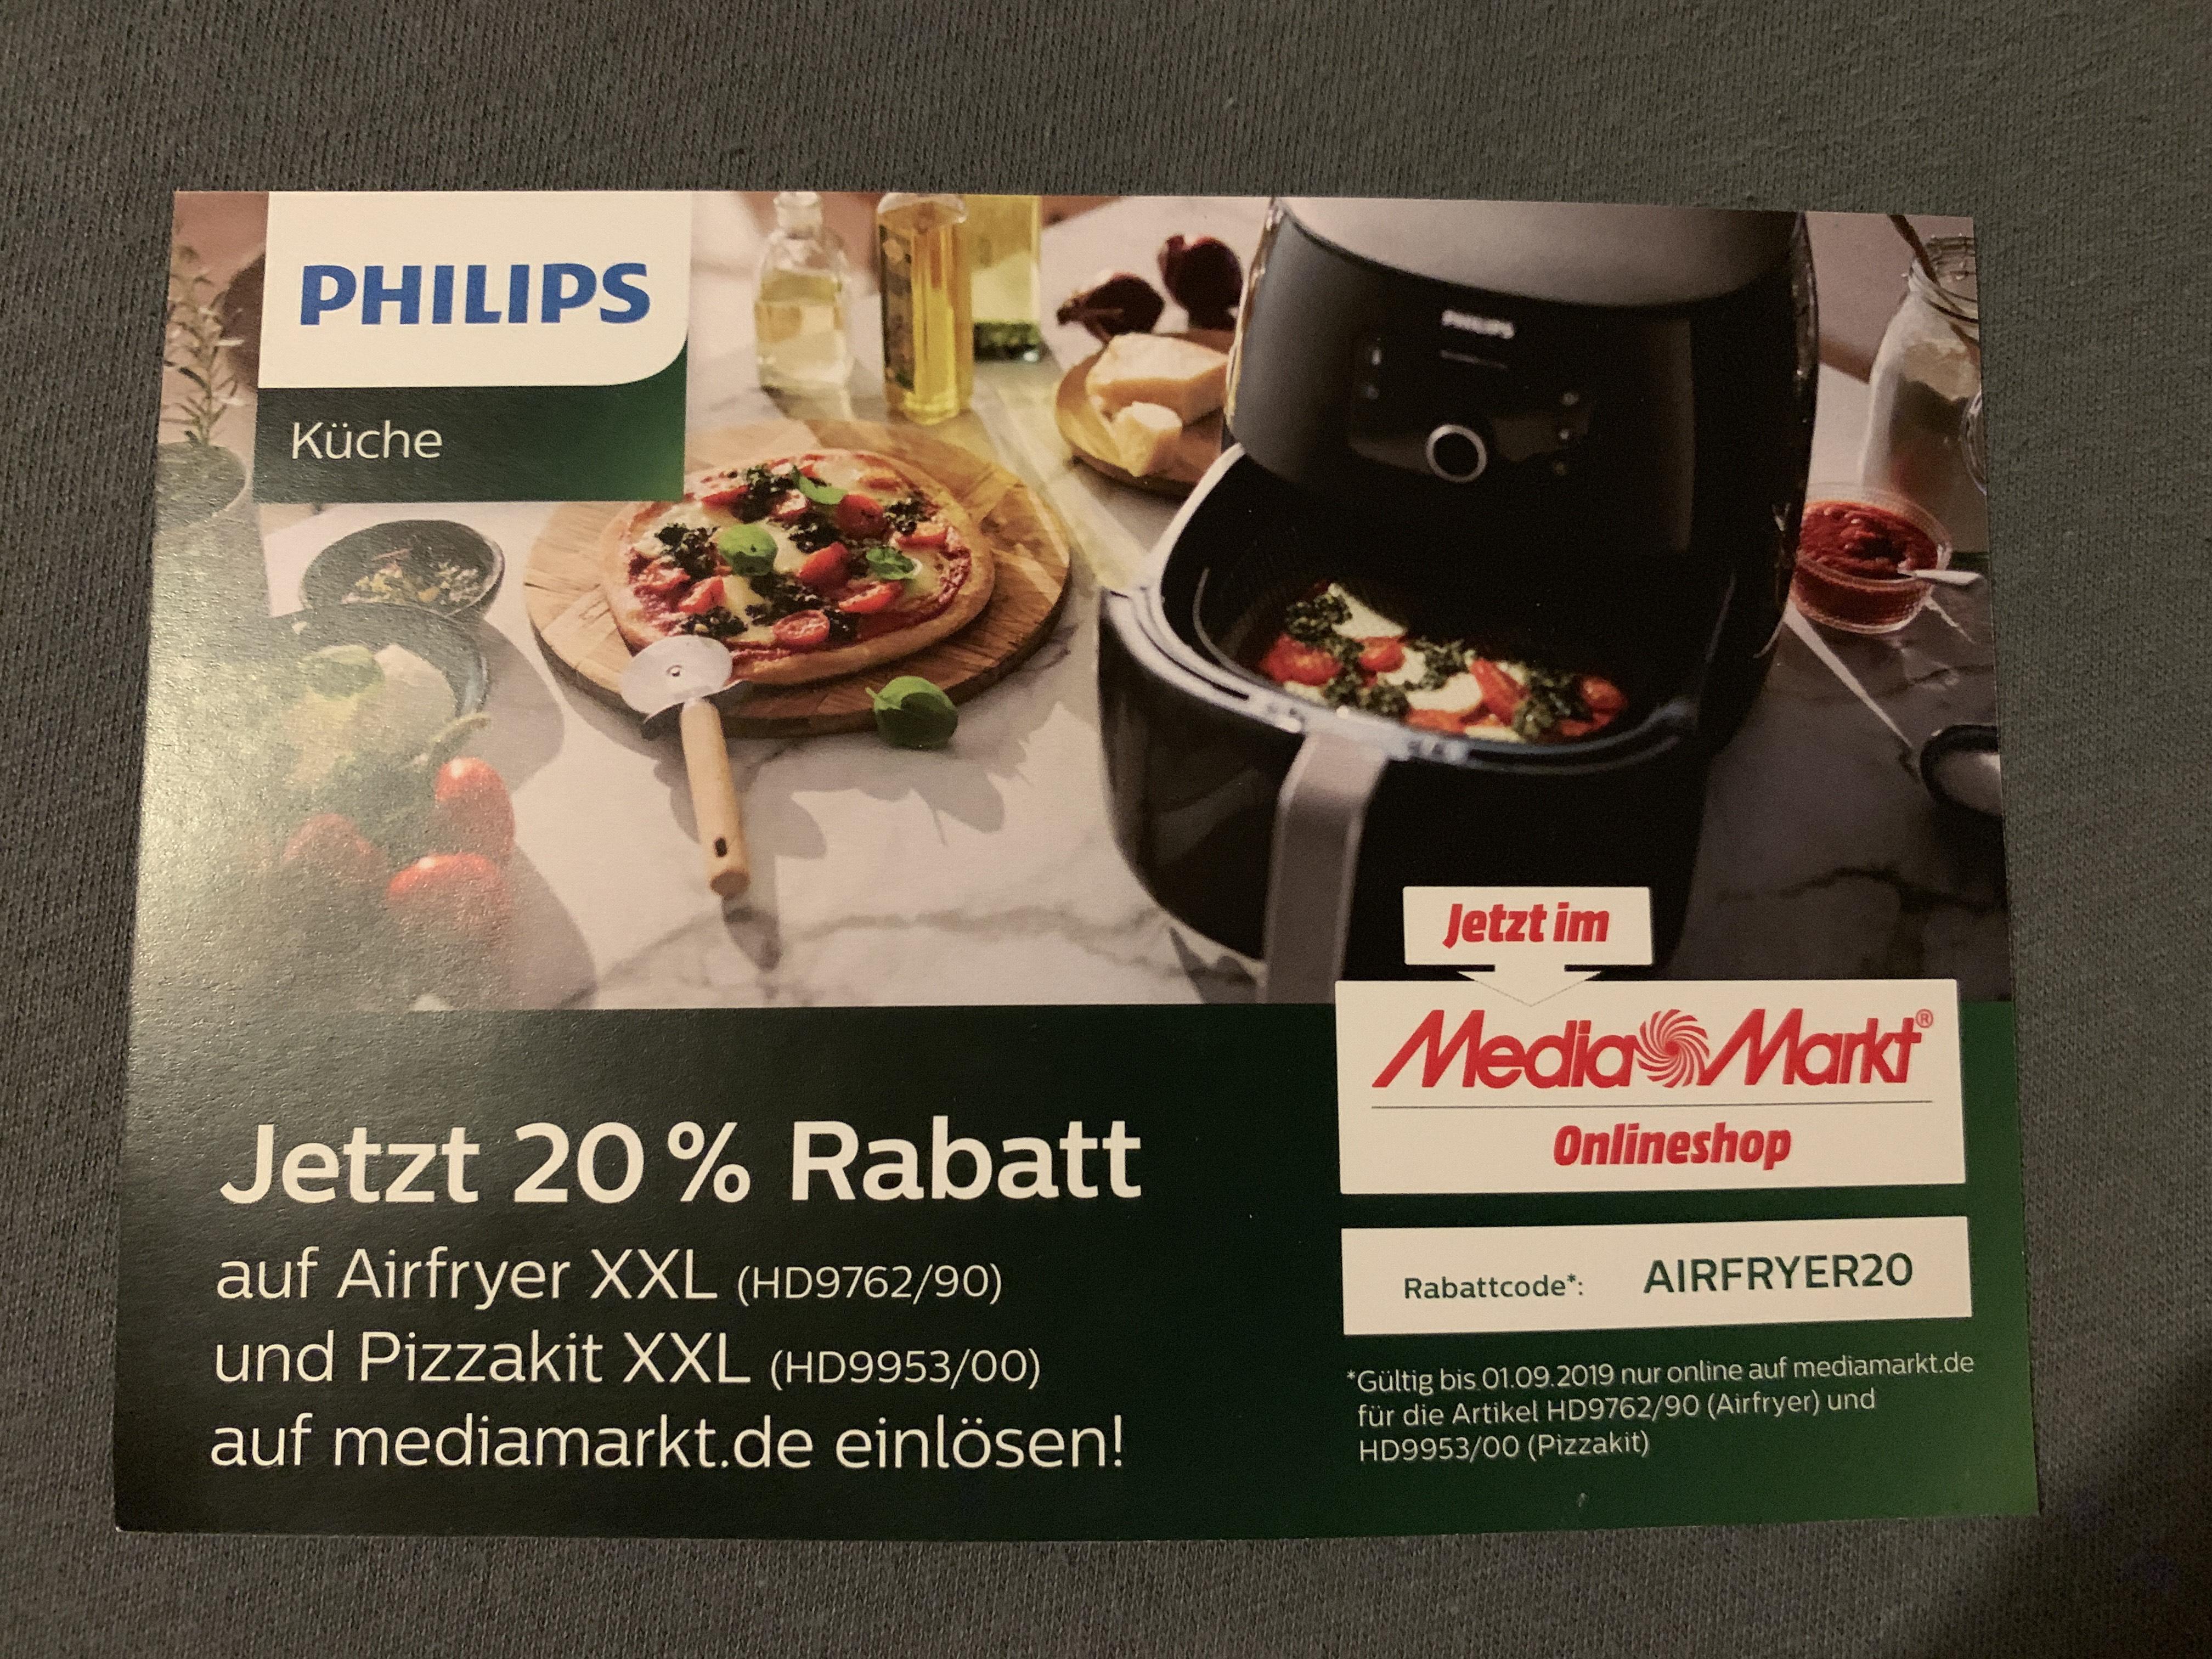 20% auf Philips Airfryer (HD9762) und Pizzakit (HD9953) XXL